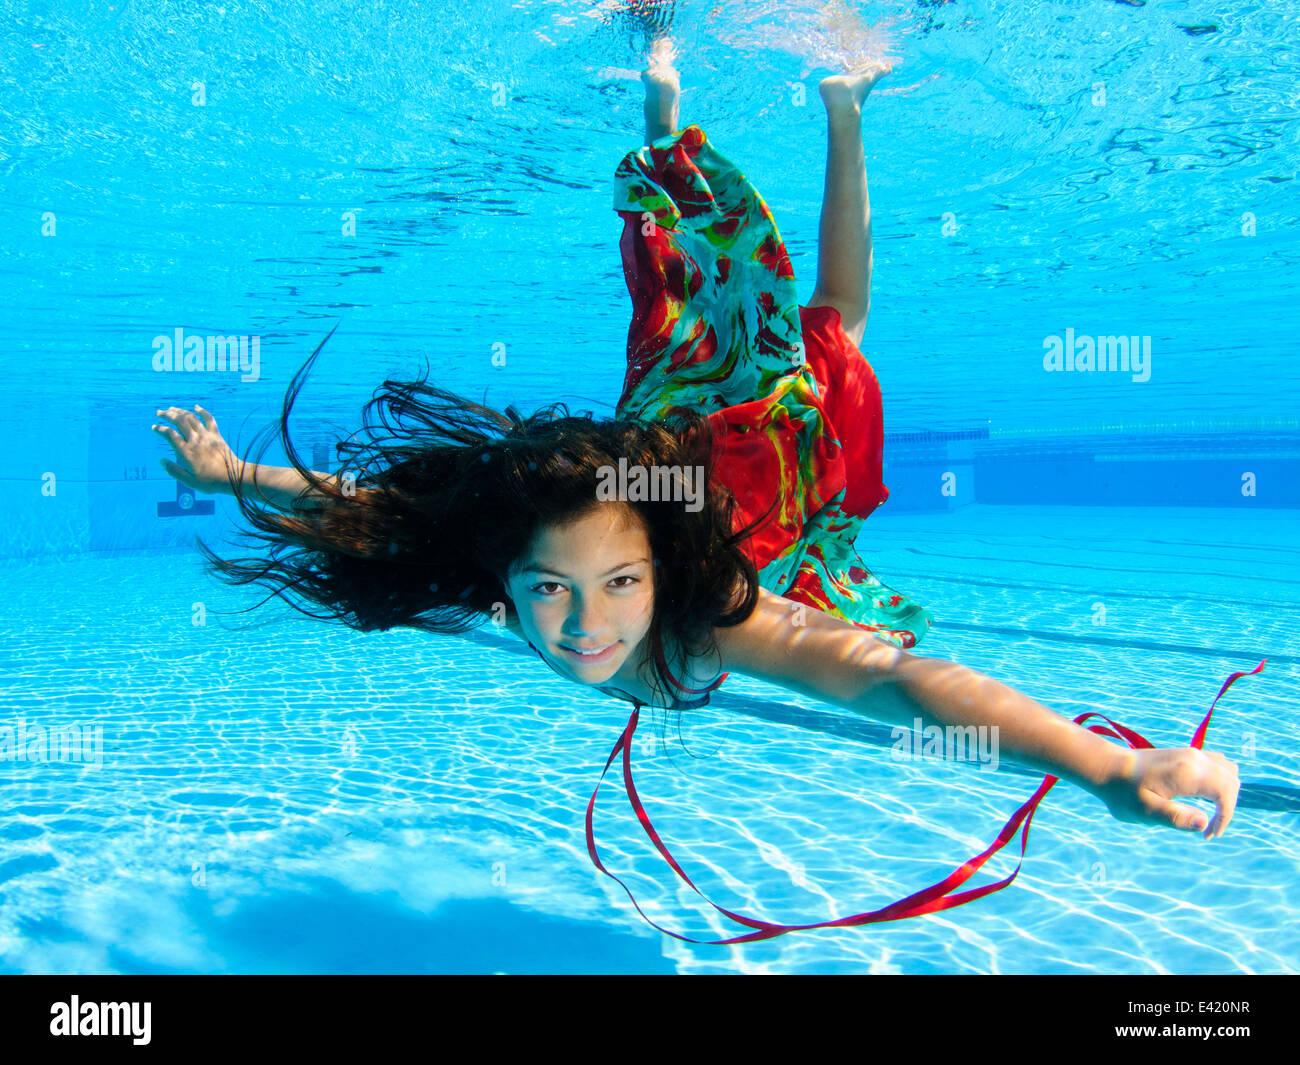 Ragazza diving libero sotto l'acqua in piscina Immagini Stock